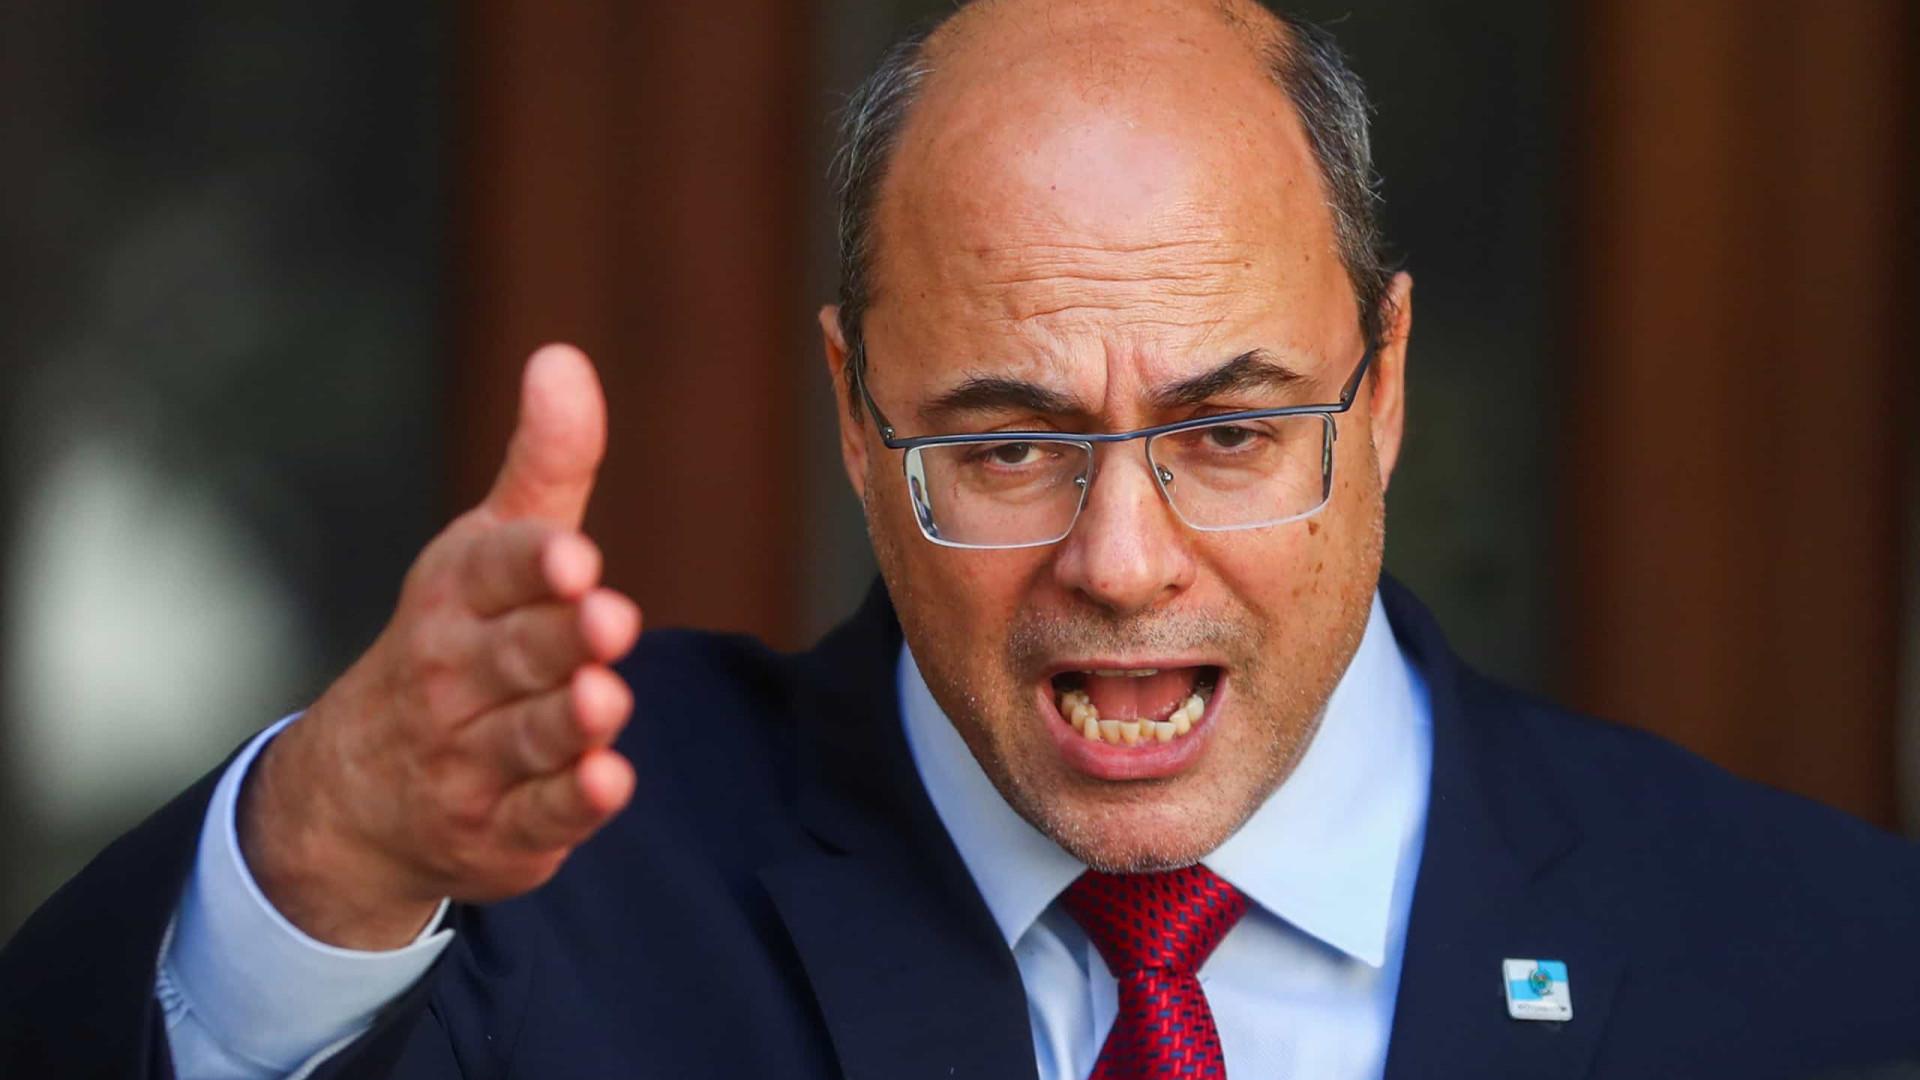 Kassio, do STF, autoriza Witzel a não depor, mas ex-governador diz que vai à CPI